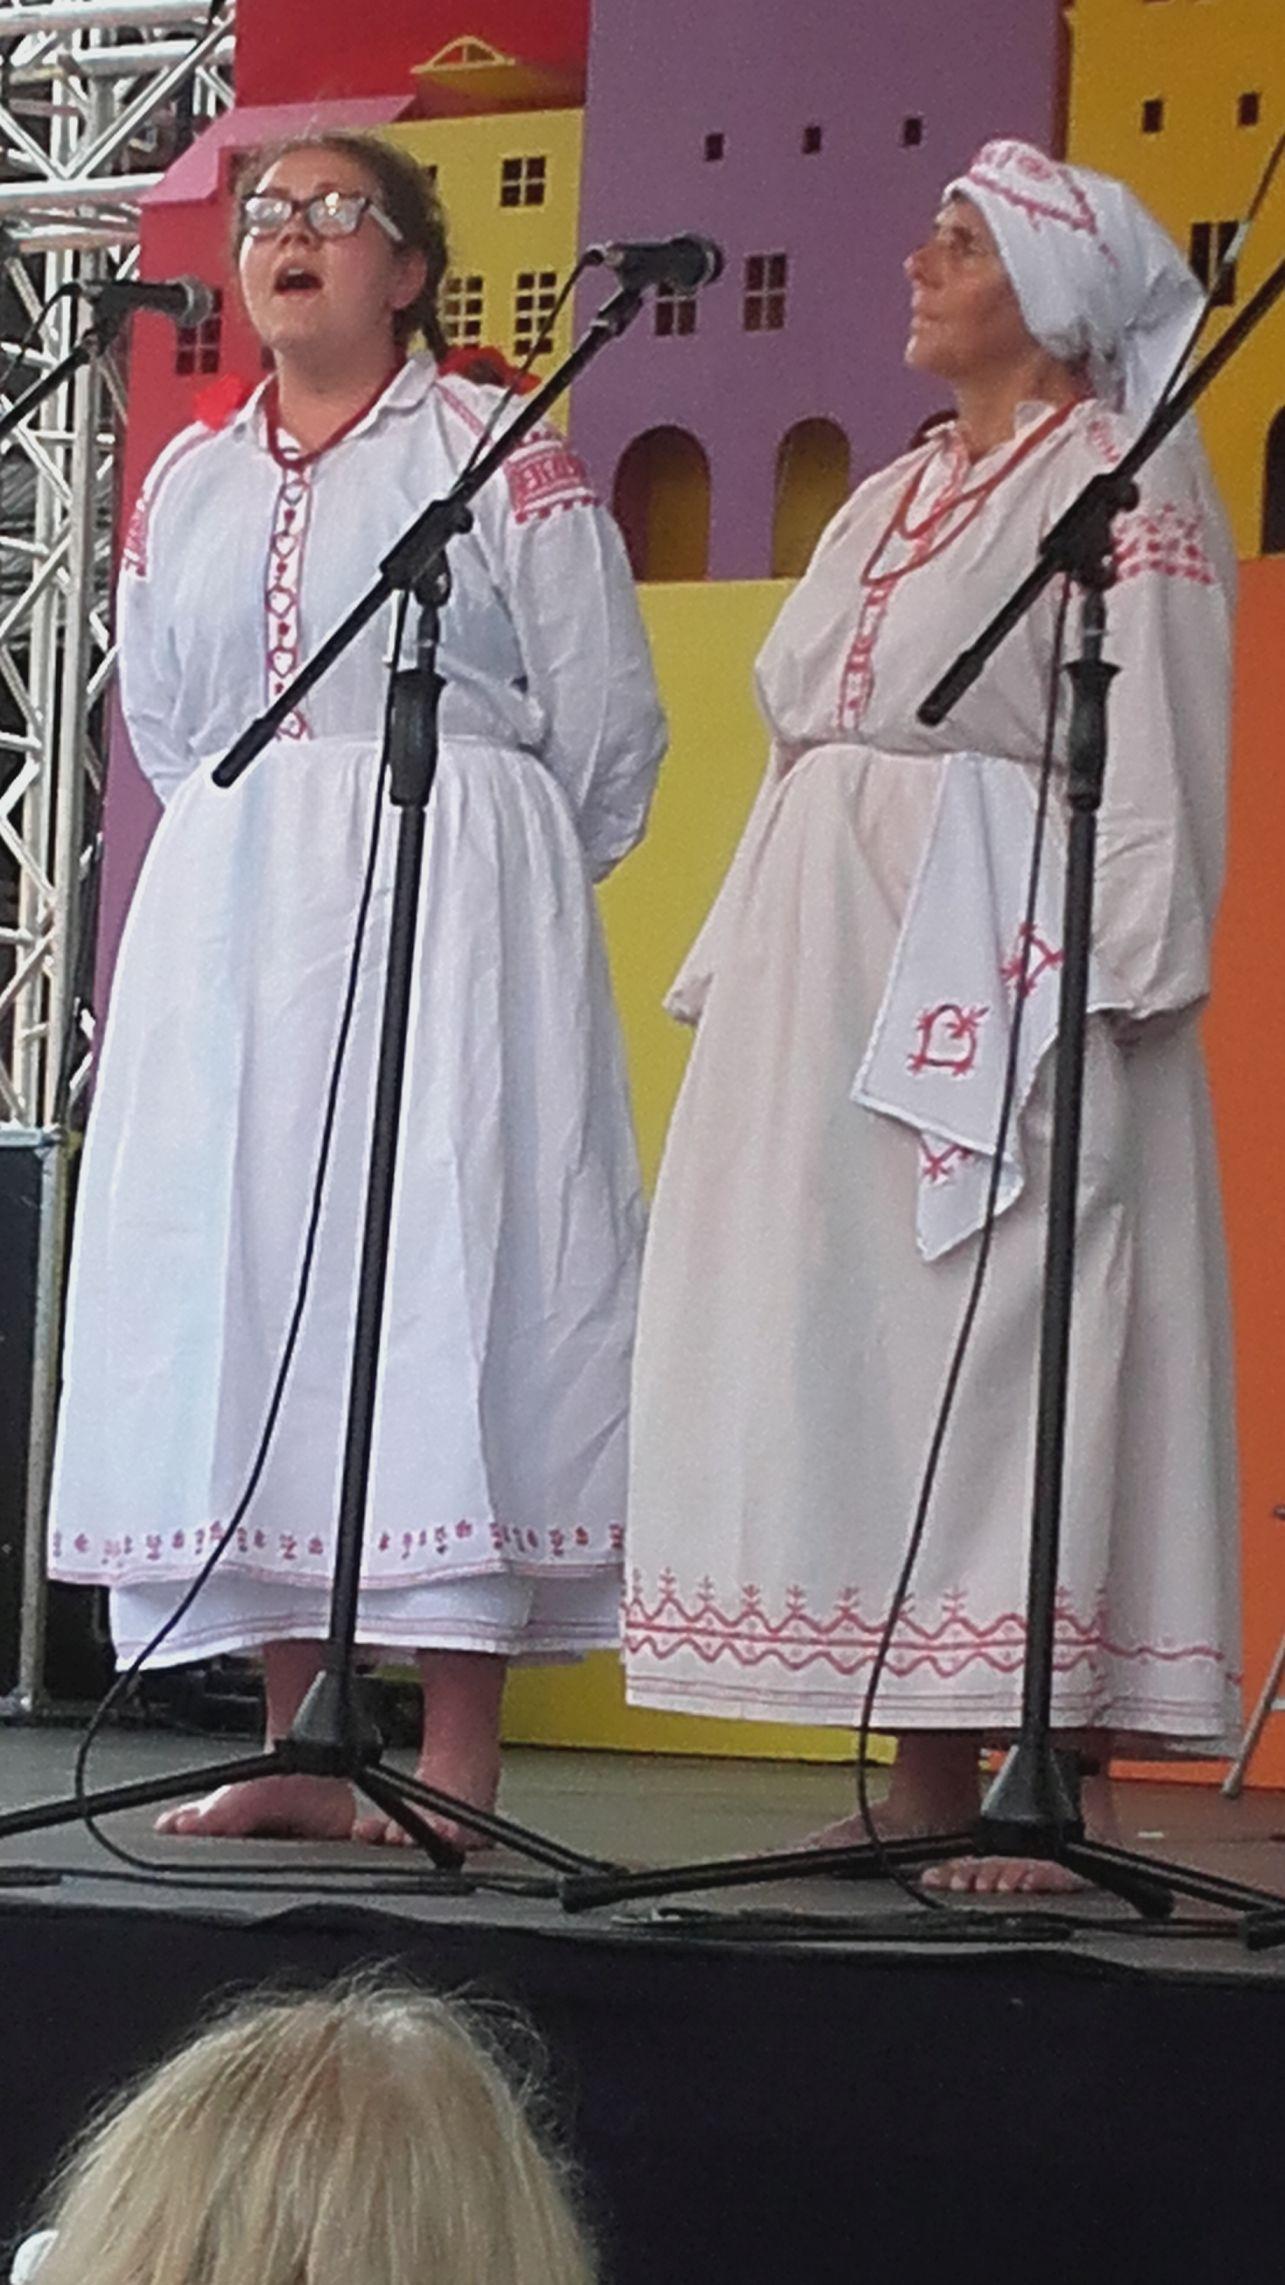 2016-06-25 Kazimierz Dolny - festiwal (39)